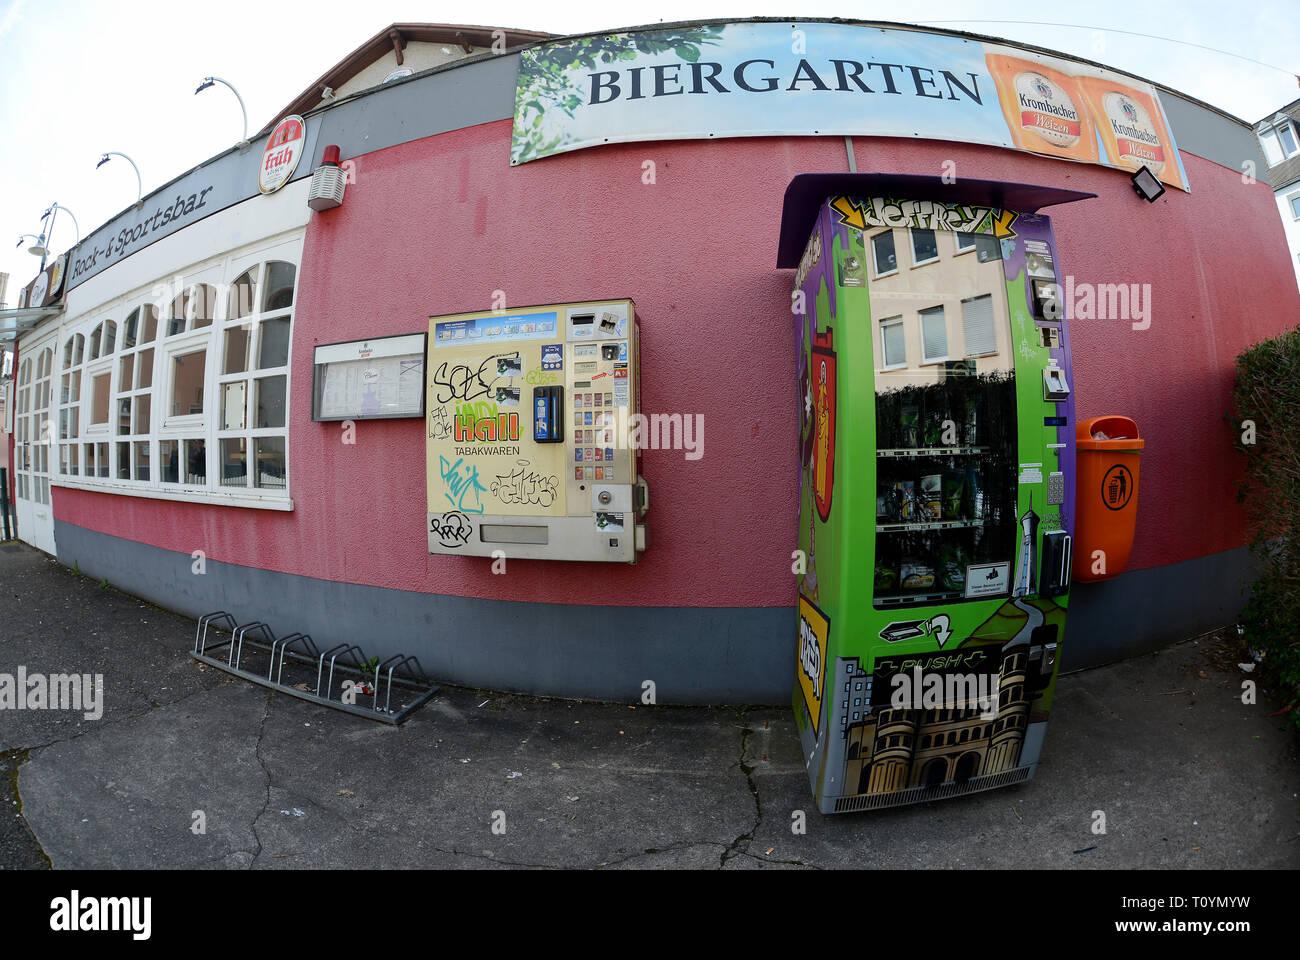 Trier, Allemagne. Mar 21, 2019. Un distributeur automatique de cannabis (r), qui contient des fleurs de cannabis séchées et pressées dans les sachets et extraire les perles dans des boîtes de plastique plus toutes sortes d'accessoires fumeurs à la vente, est situé sur la rue à côté d'un distributeur automatique de tabac. (Photo prise avec l'objectif fisheye) Ce sont des produits du chanvre avec la substance active CBD (cannabidiol), qui est considérée comme difficilement substances psychoactives. Credit: Harald Tittel/dpa/Alamy Live News Banque D'Images